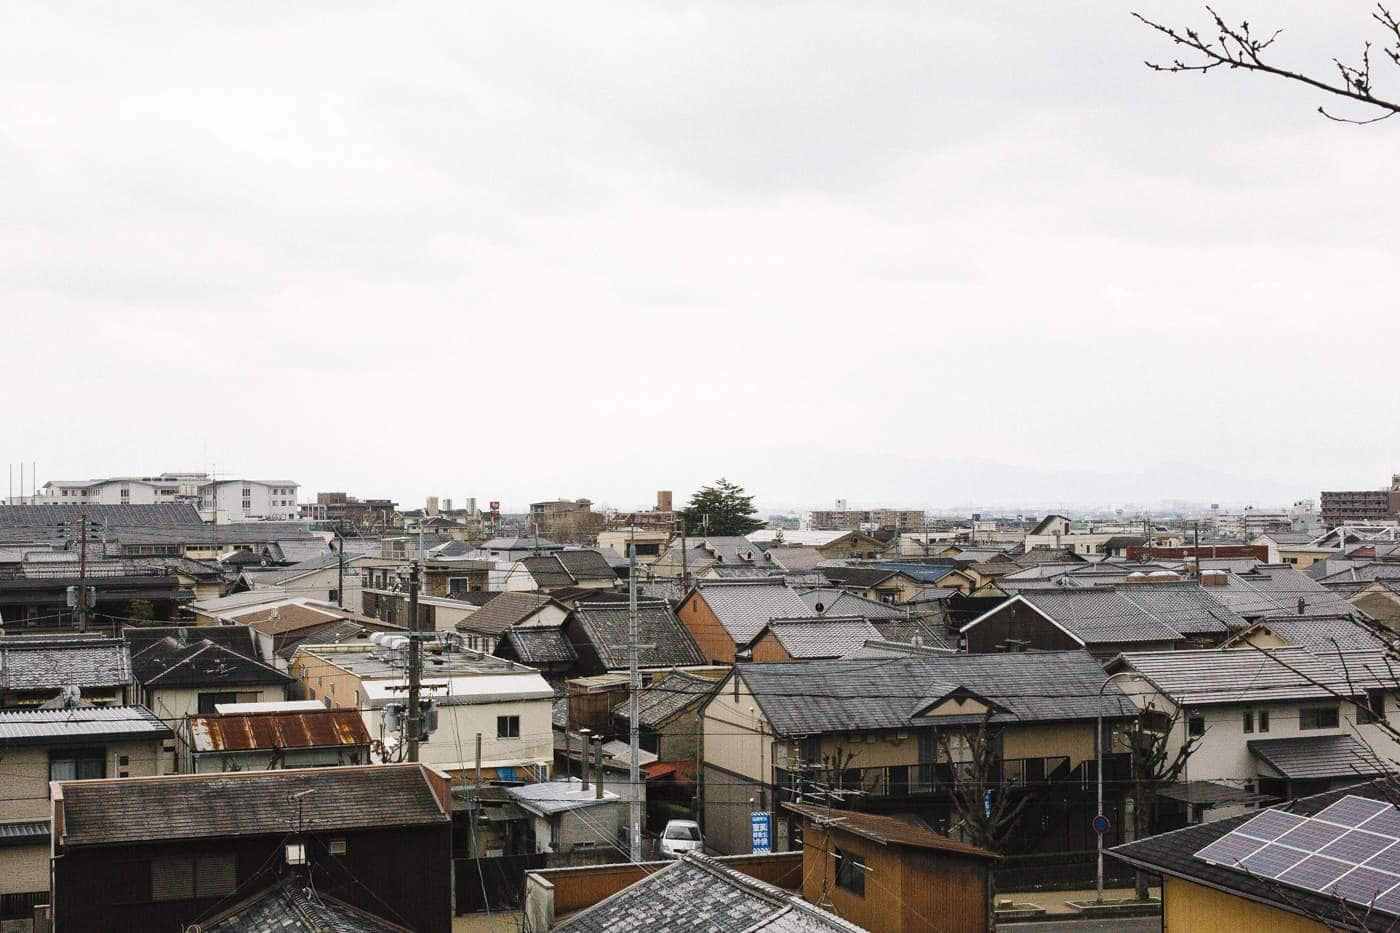 Kinlake-Japan-City-Lifestyle-9493